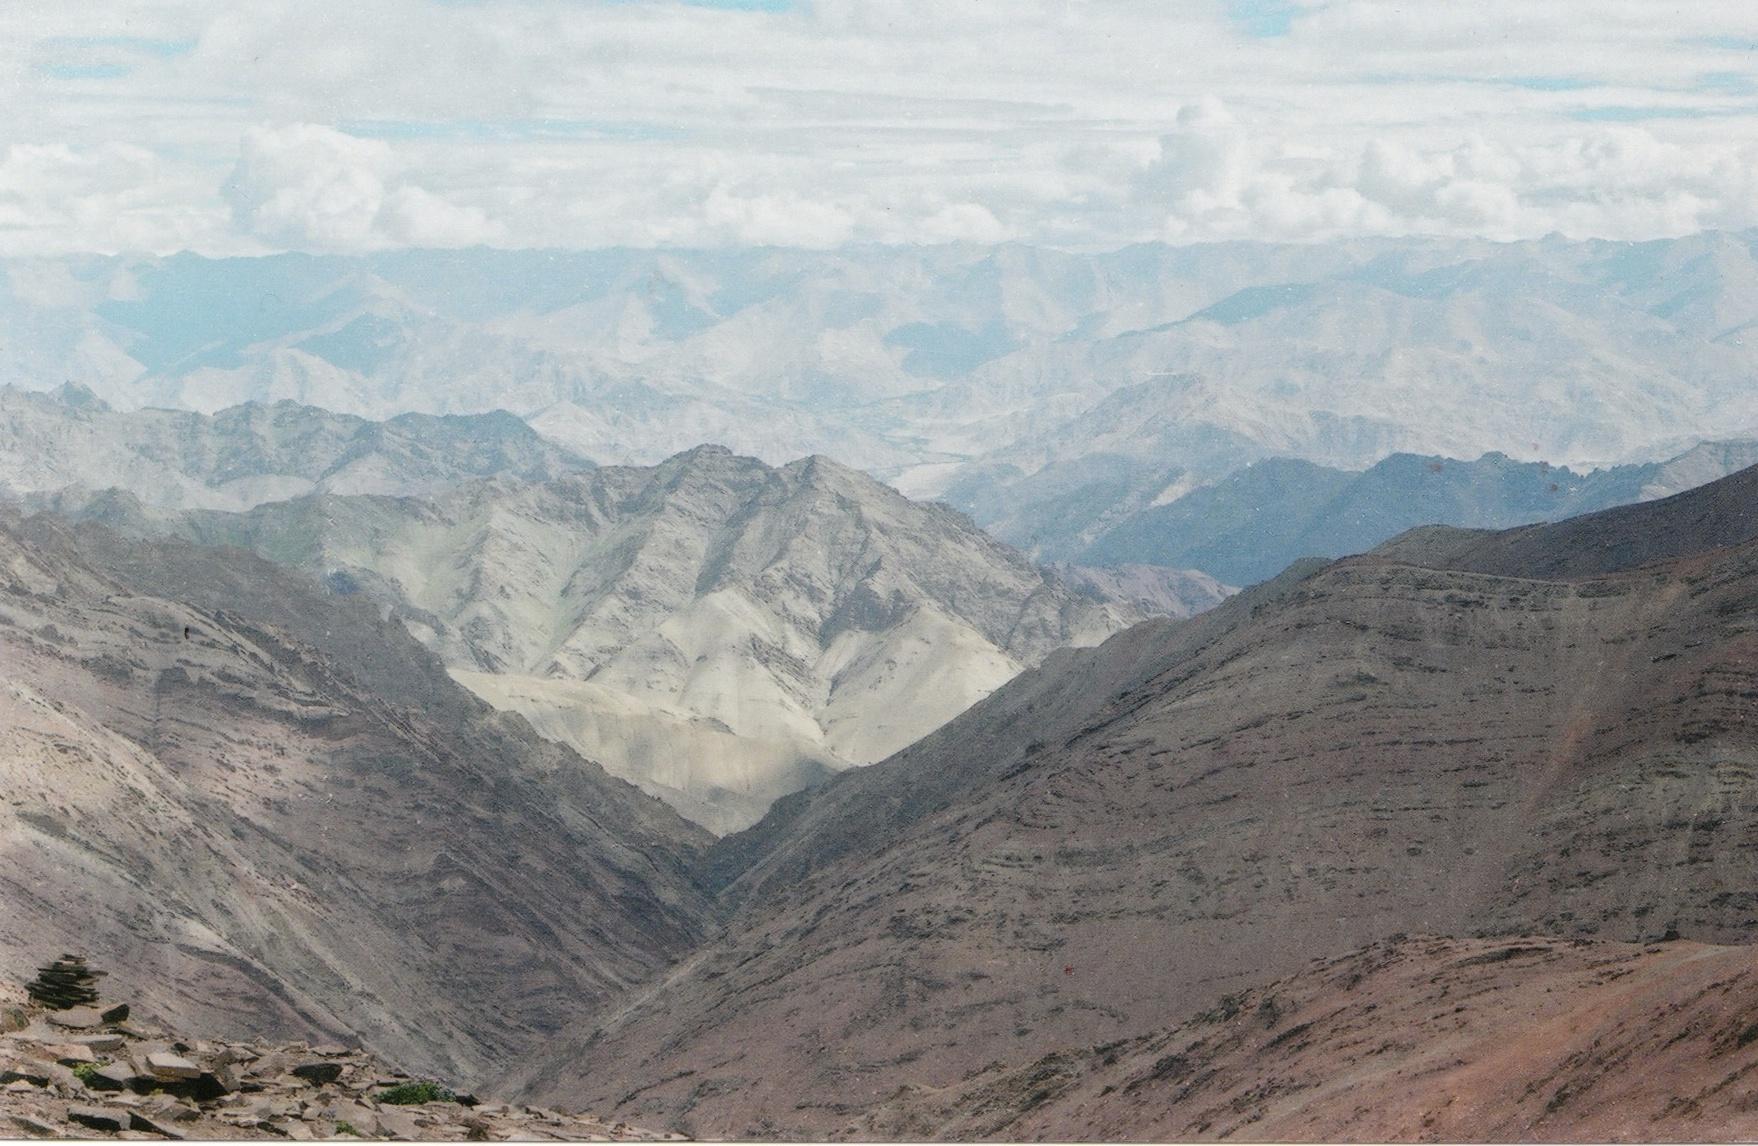 Himalayan Dream, Aug 2012